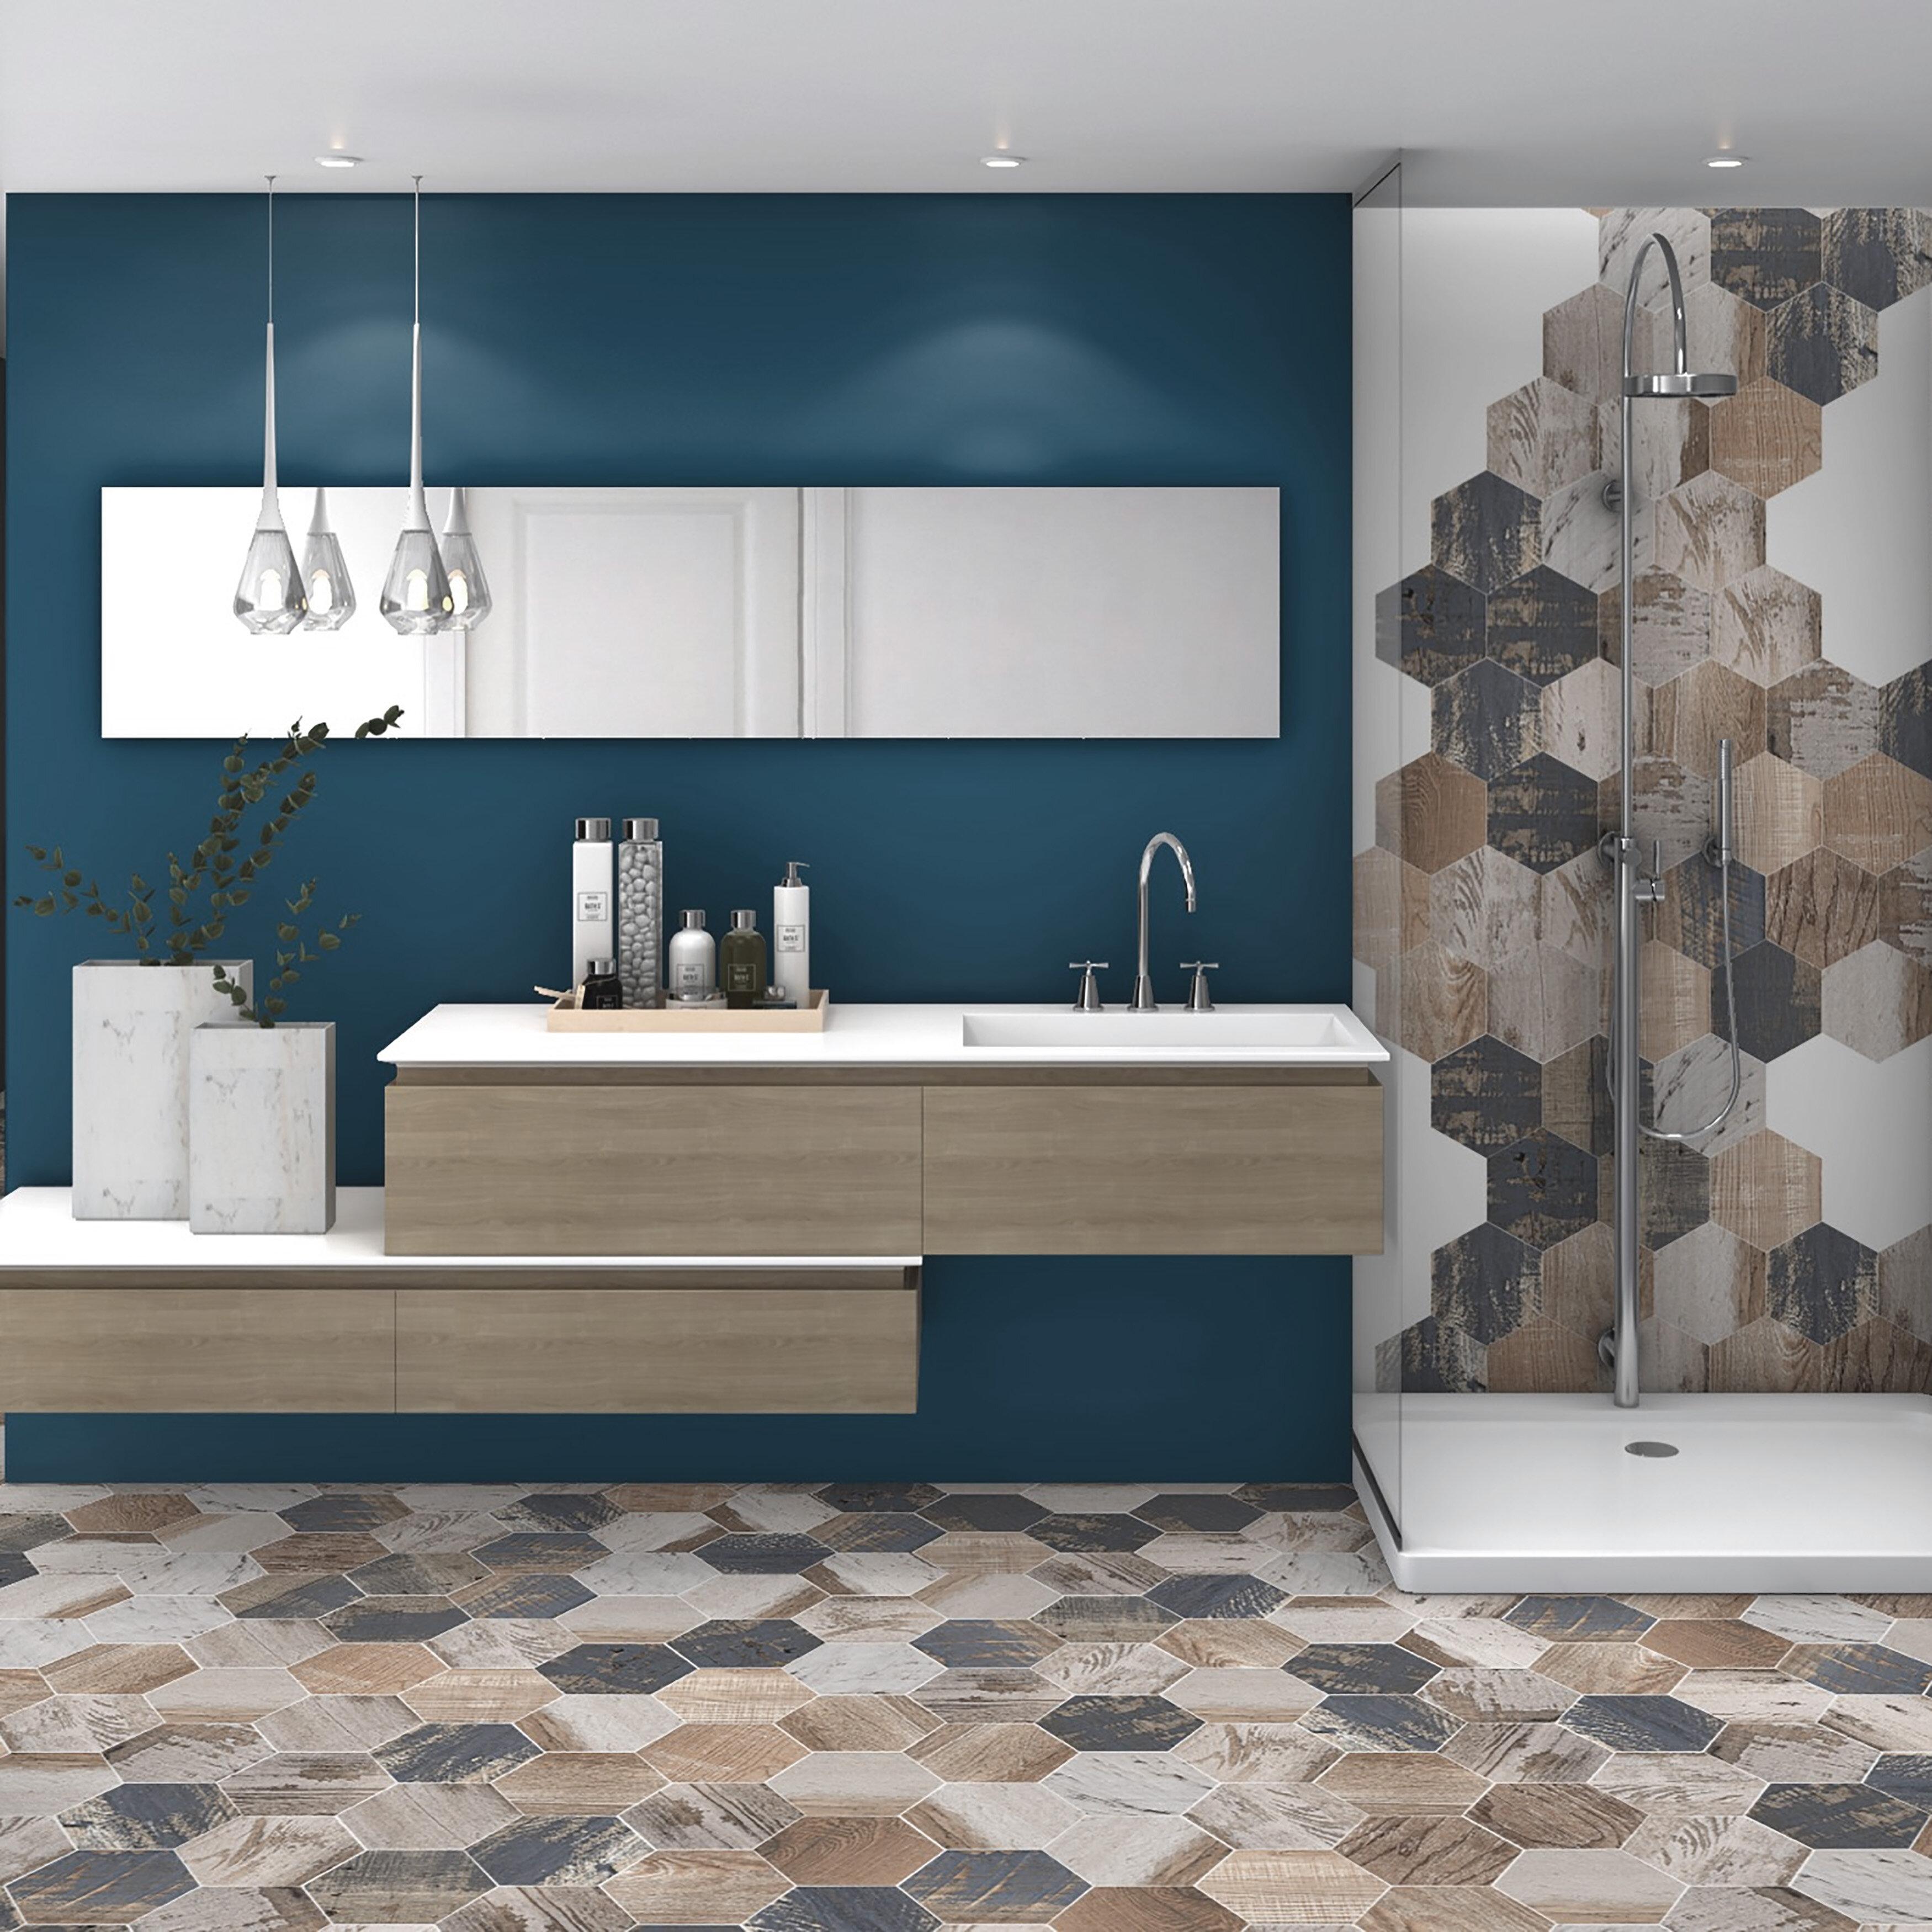 Elitetile Garde 9 X 10 Porcelain Wood Look Wall Floor Tile Reviews Wayfair